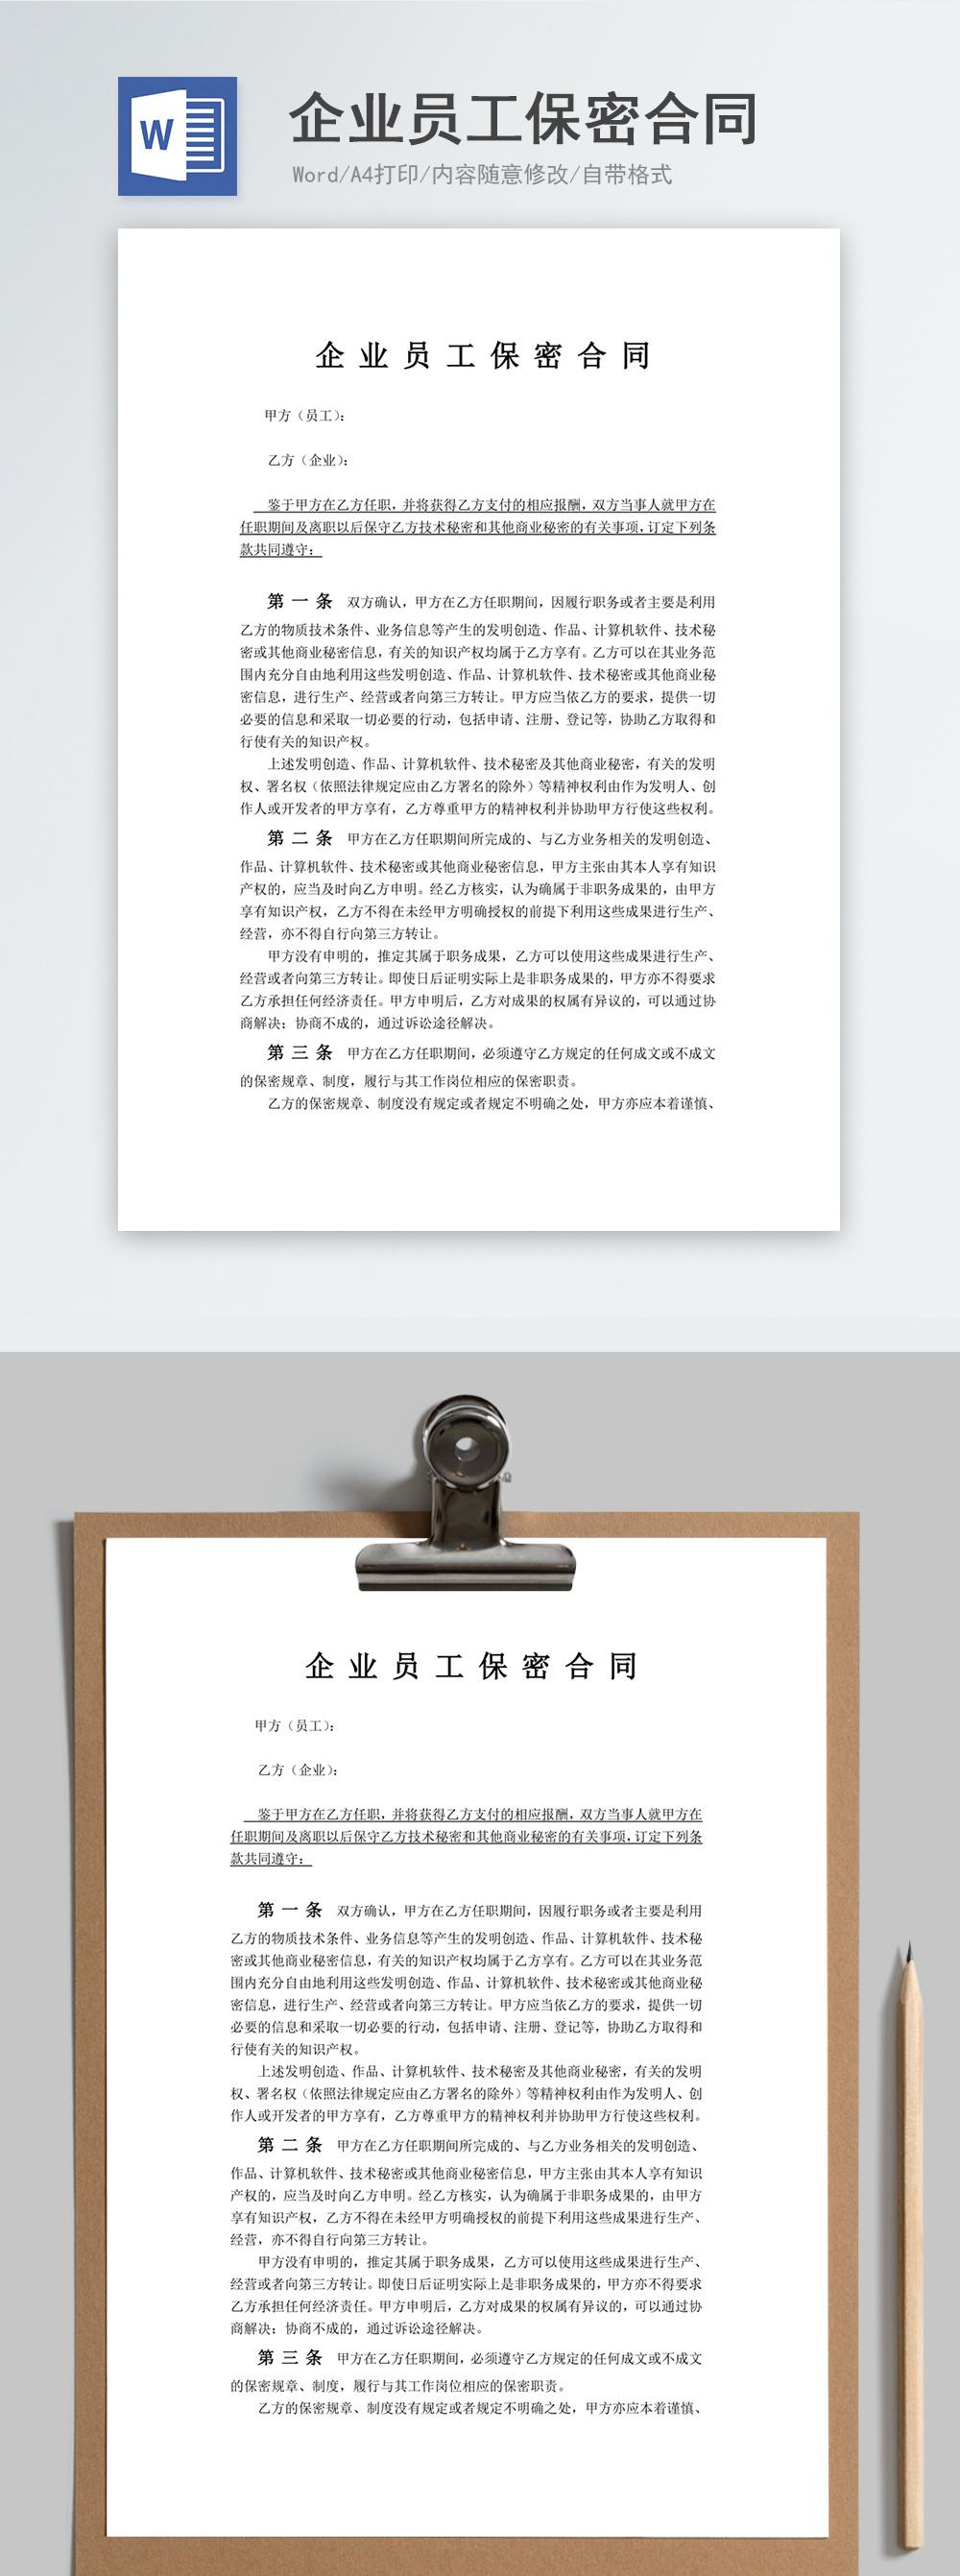 企业员工保密合同模板图片